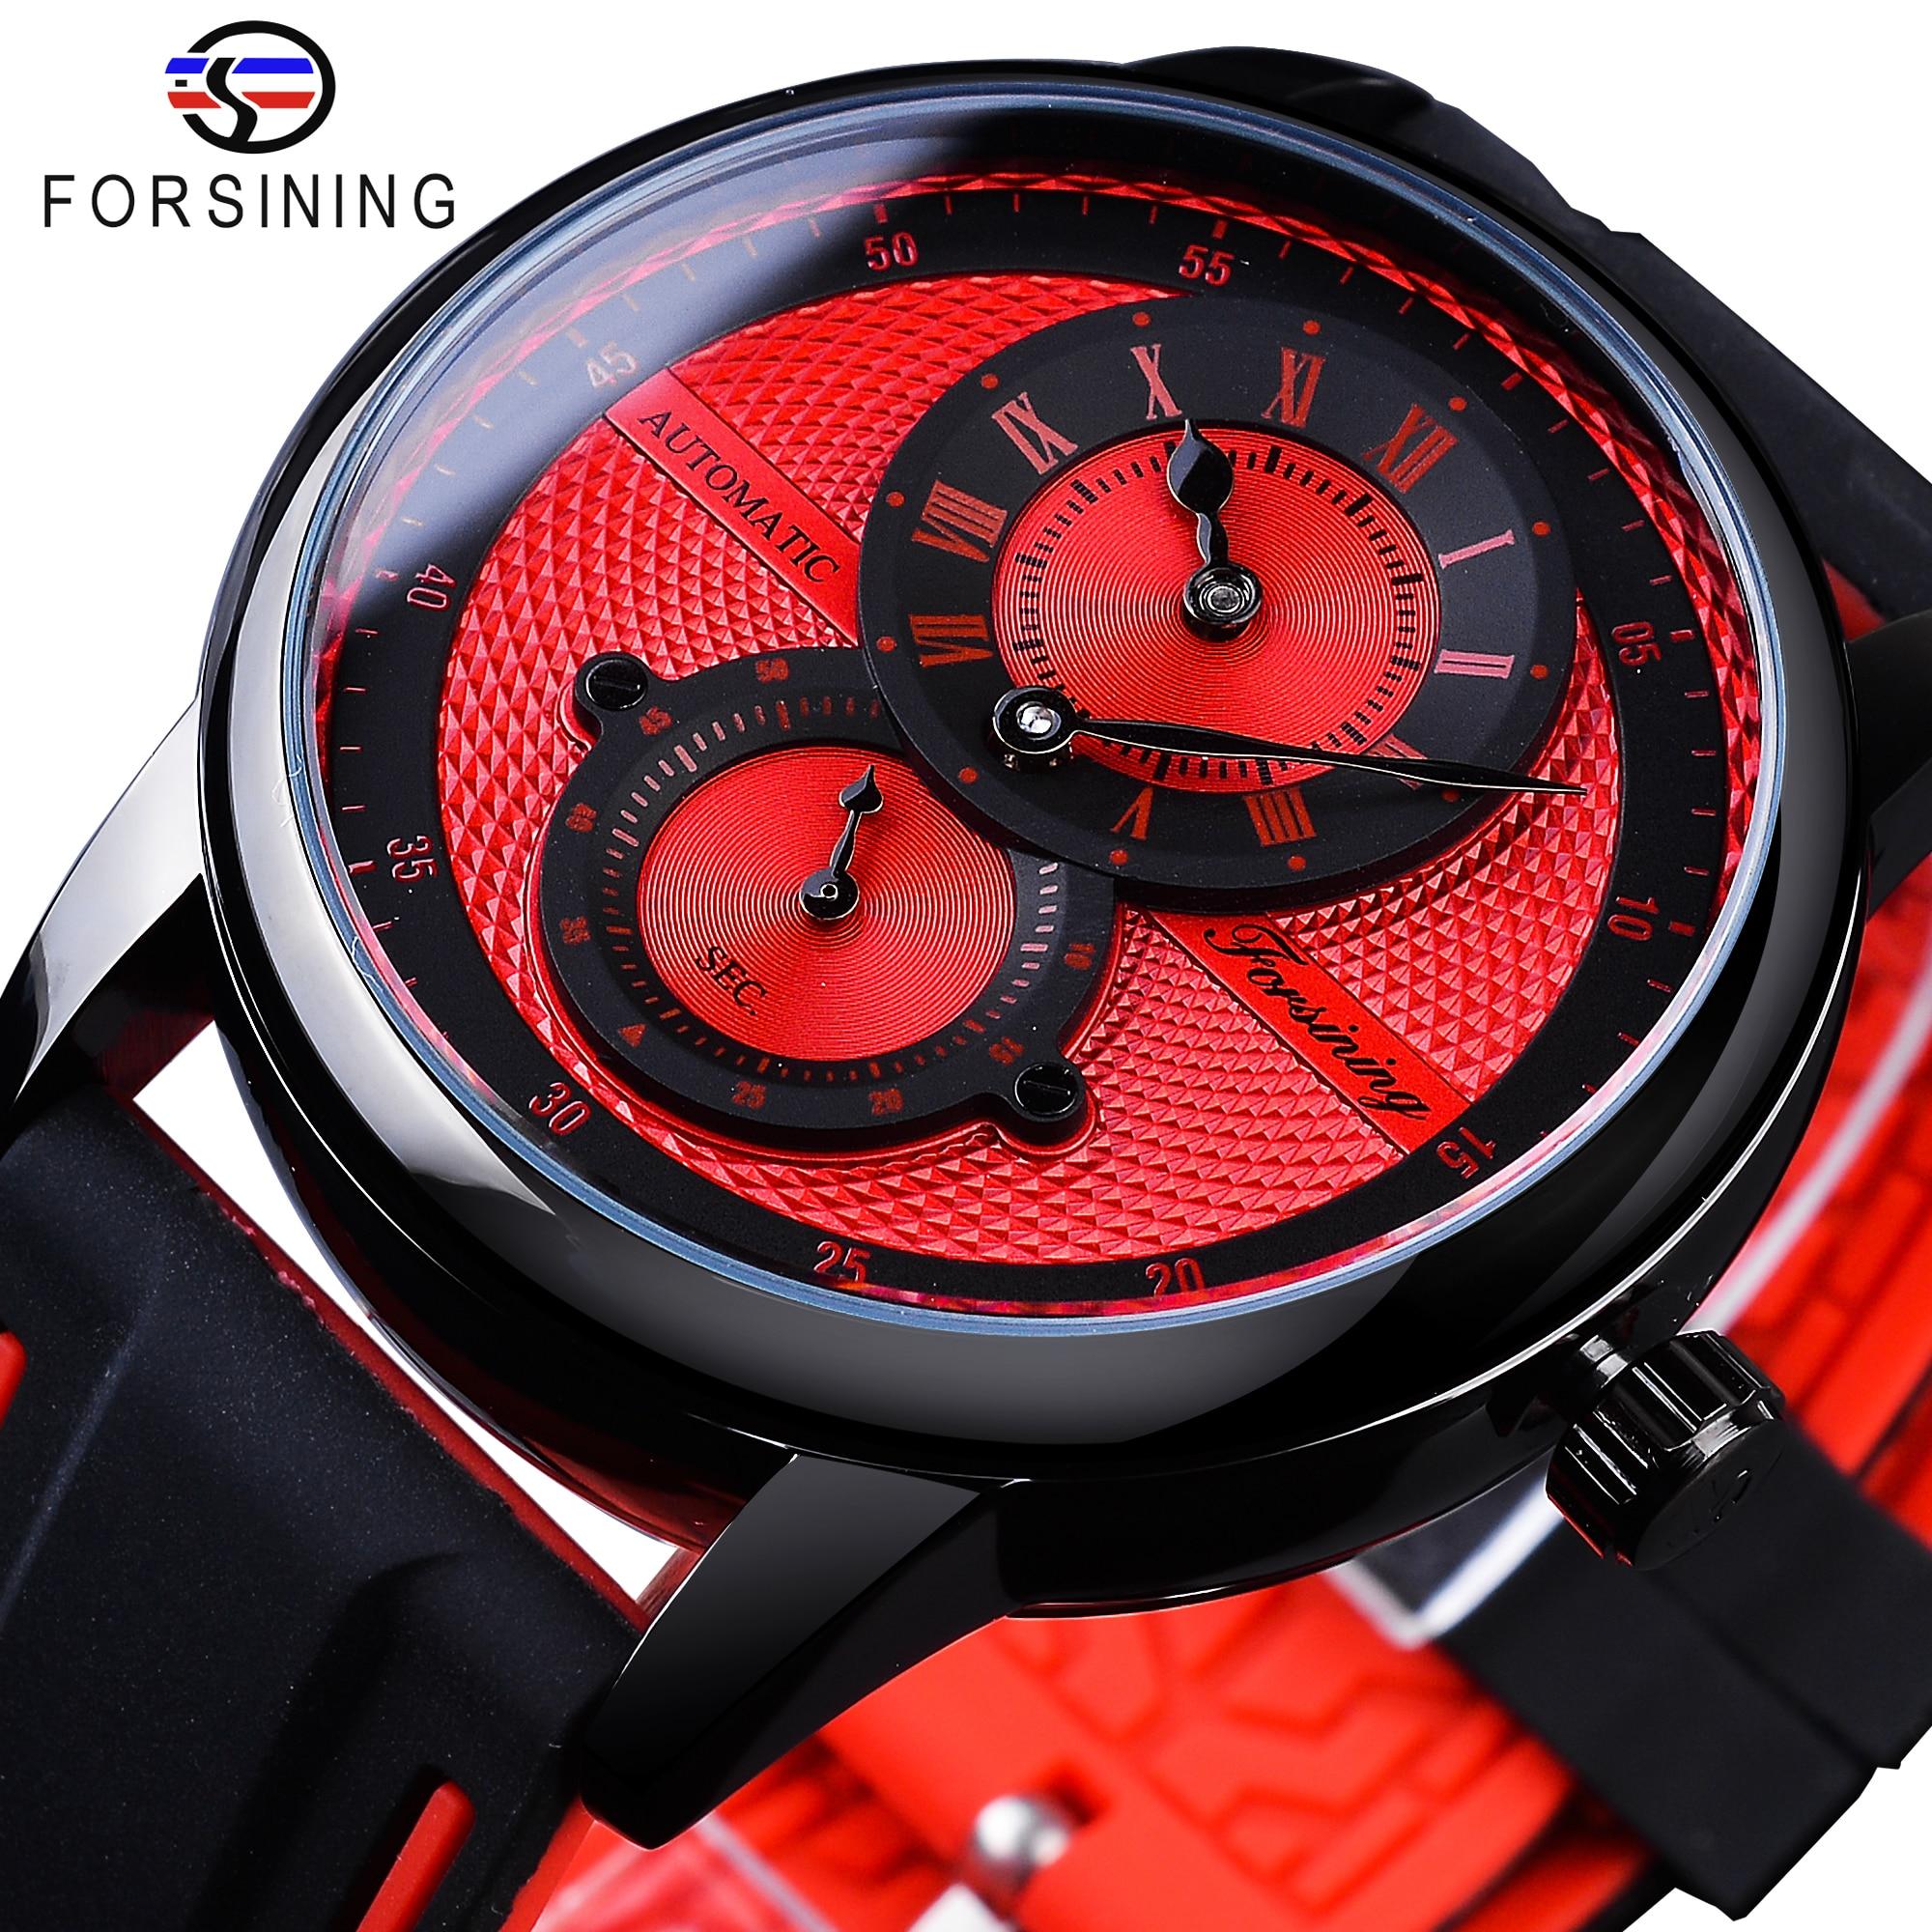 Vermelho dos Homens Relógio de Pulso Forsining Moda Esporte Corrida Design Relógios Automático Mecânico Marca Superior Luxo Masculino Relógio 2021